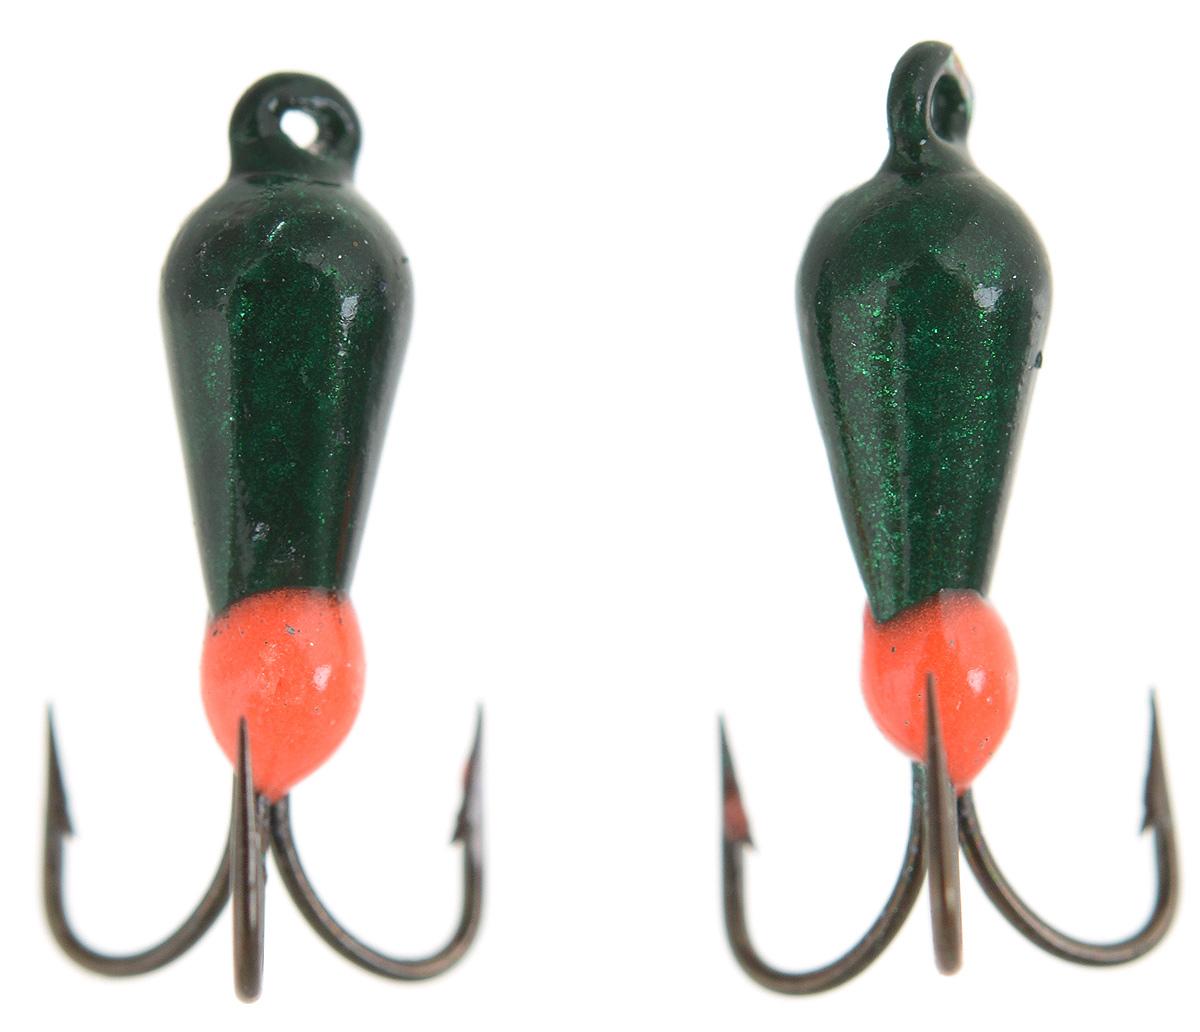 Чертик вольфрамовый Finnex, цвет: темно-зеленый, оранжевый, 0,38 г, 2 шт70436Вольфрамовый чертик Finnex - одна из самых популярных приманок для ловли леща, плотвы и другой белой рыбы. Особенно хорошо работает приманка на всевозможных водохранилищах. Не пропустит ее и другая рыба, в том числе окунь, судак и щука.